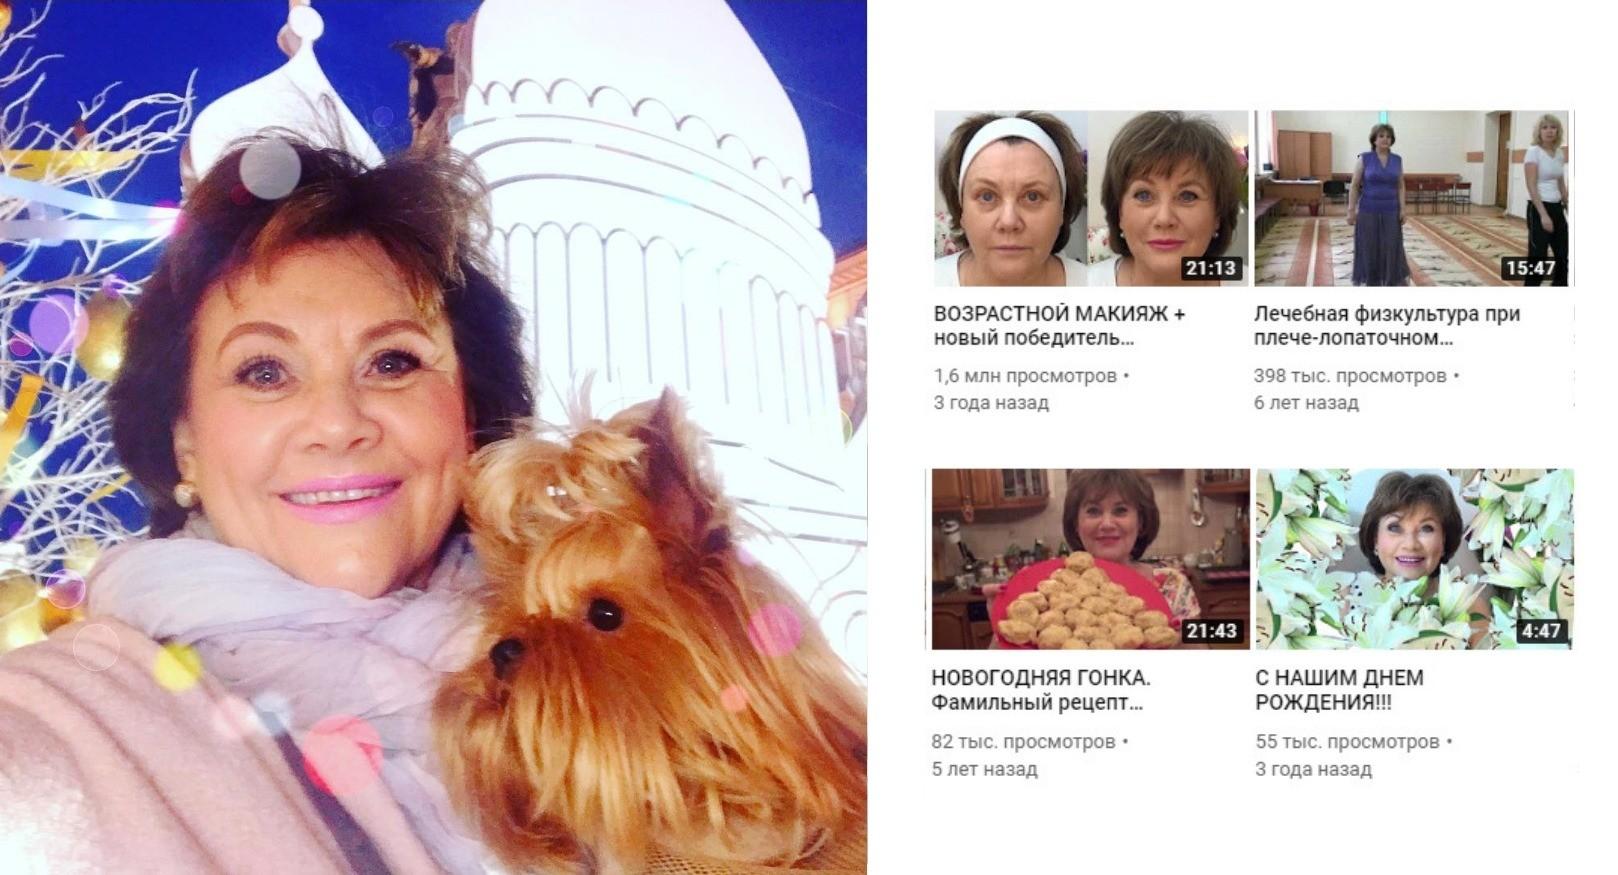 Артрит, измены мужа и менопауза: о чем рассказывают возрастные YouTube-блогеры